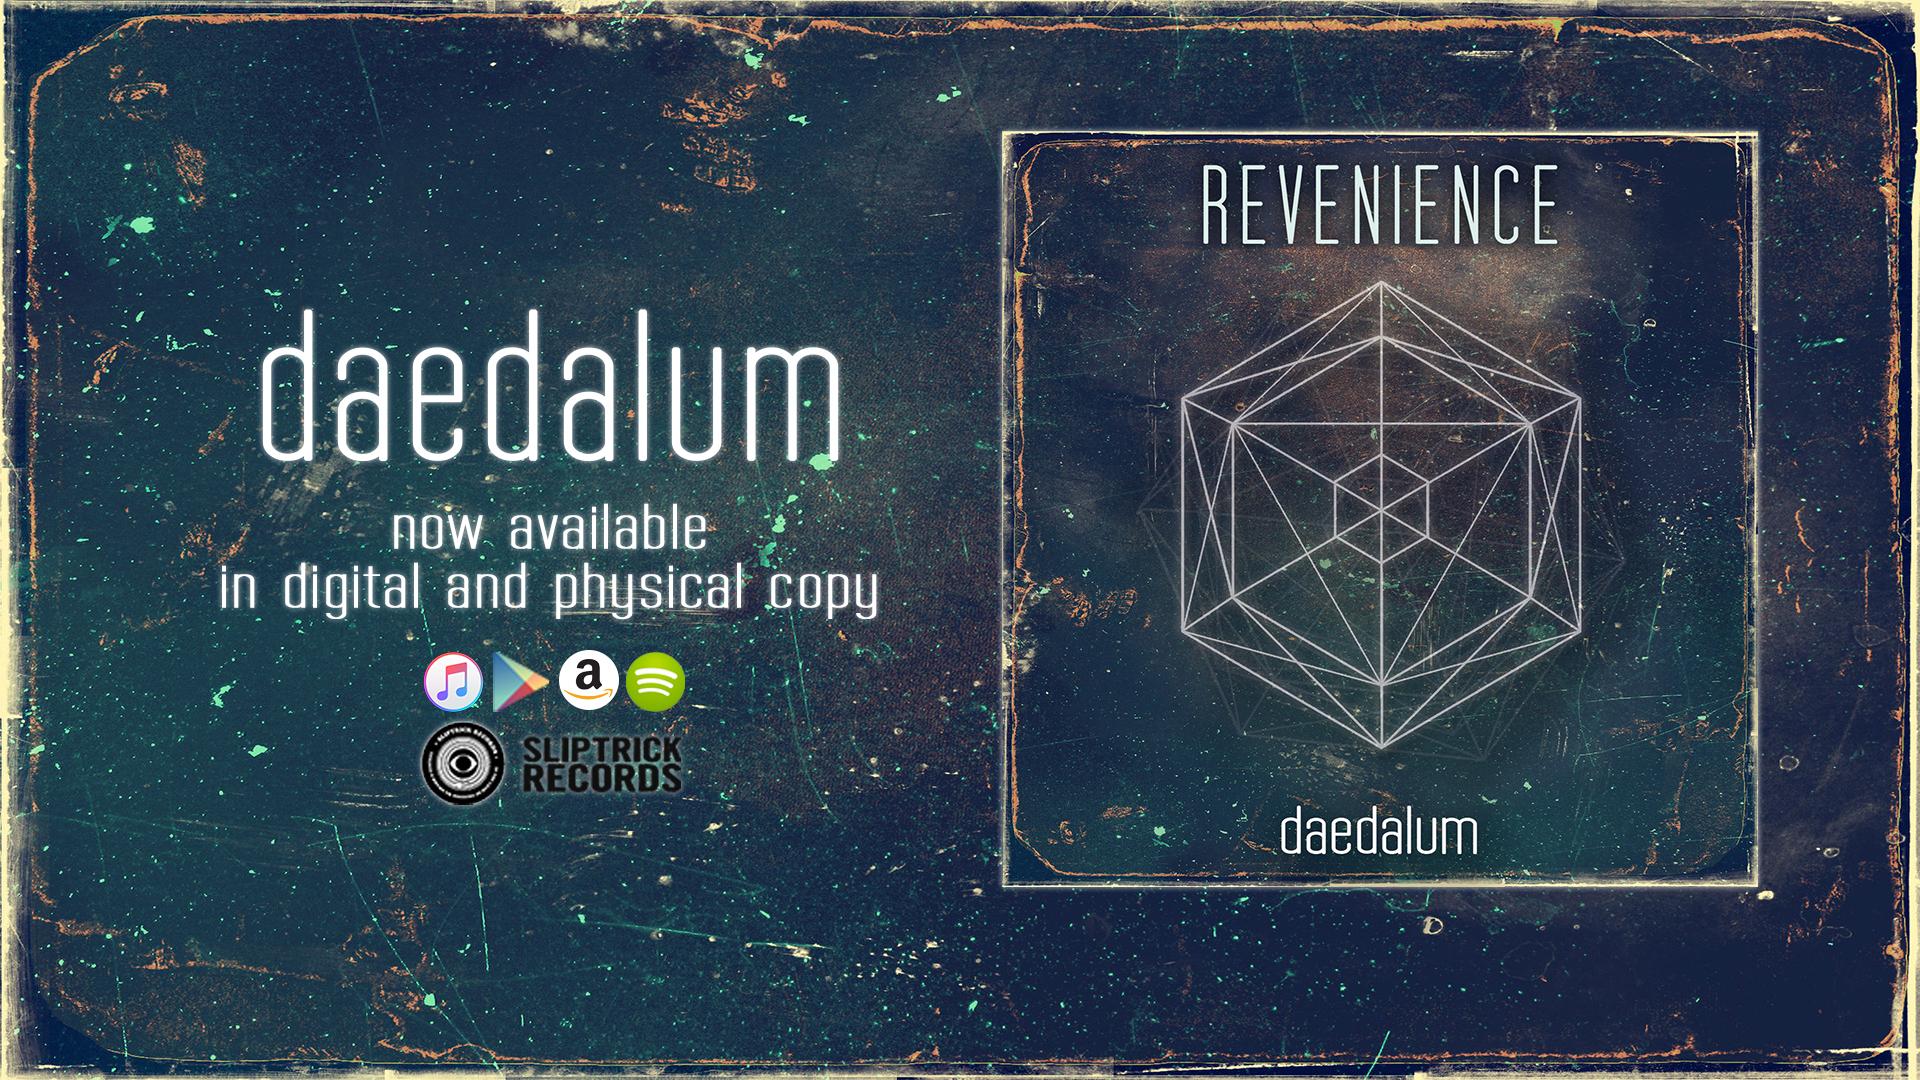 web-rev-daedalum